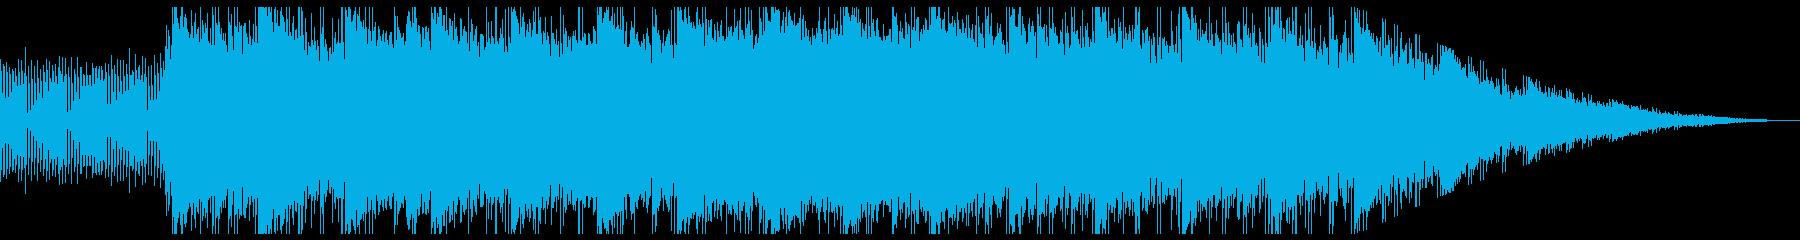 大空に旅発つファンファーレの再生済みの波形